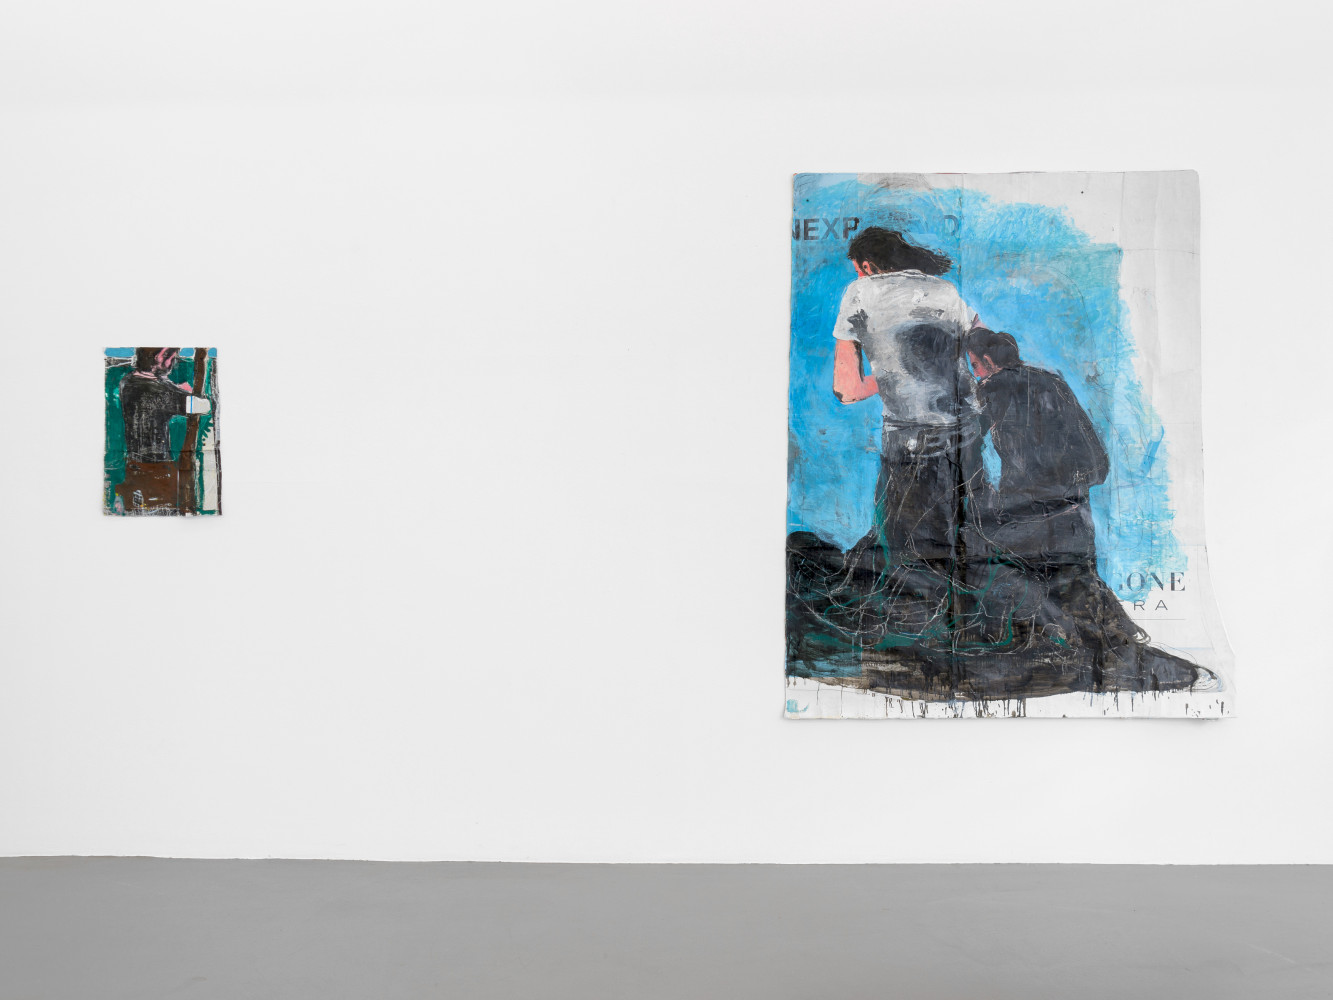 Jean Charles Blais, Installation view, Buchmann Galerie, 2019